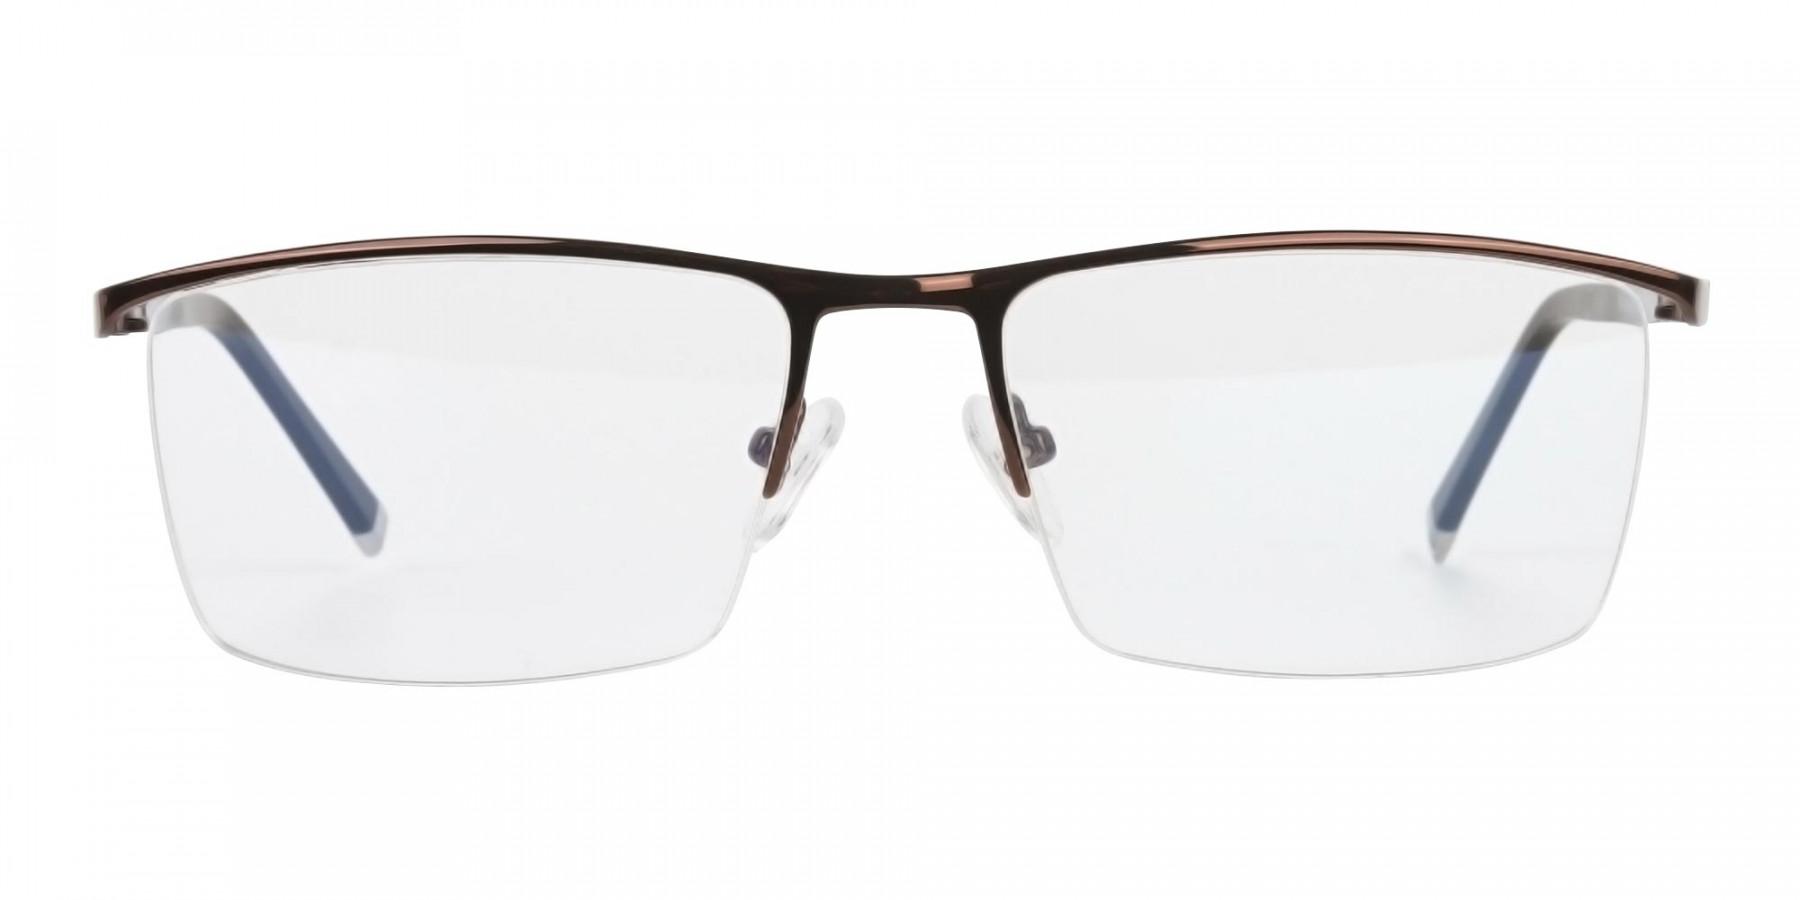 Brown and Black Semi-Rim Glasses-1